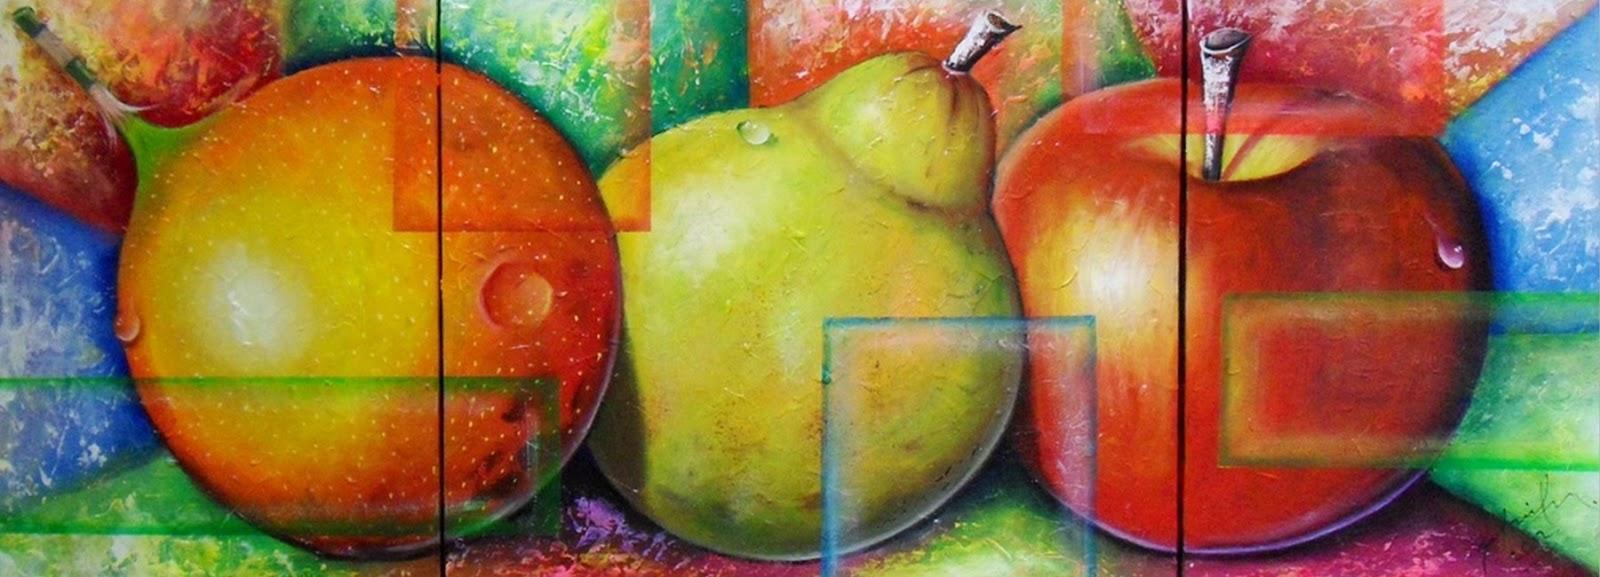 Cuadros modernos pinturas y dibujos bodegones pintados - Pinturas bodegones modernos ...